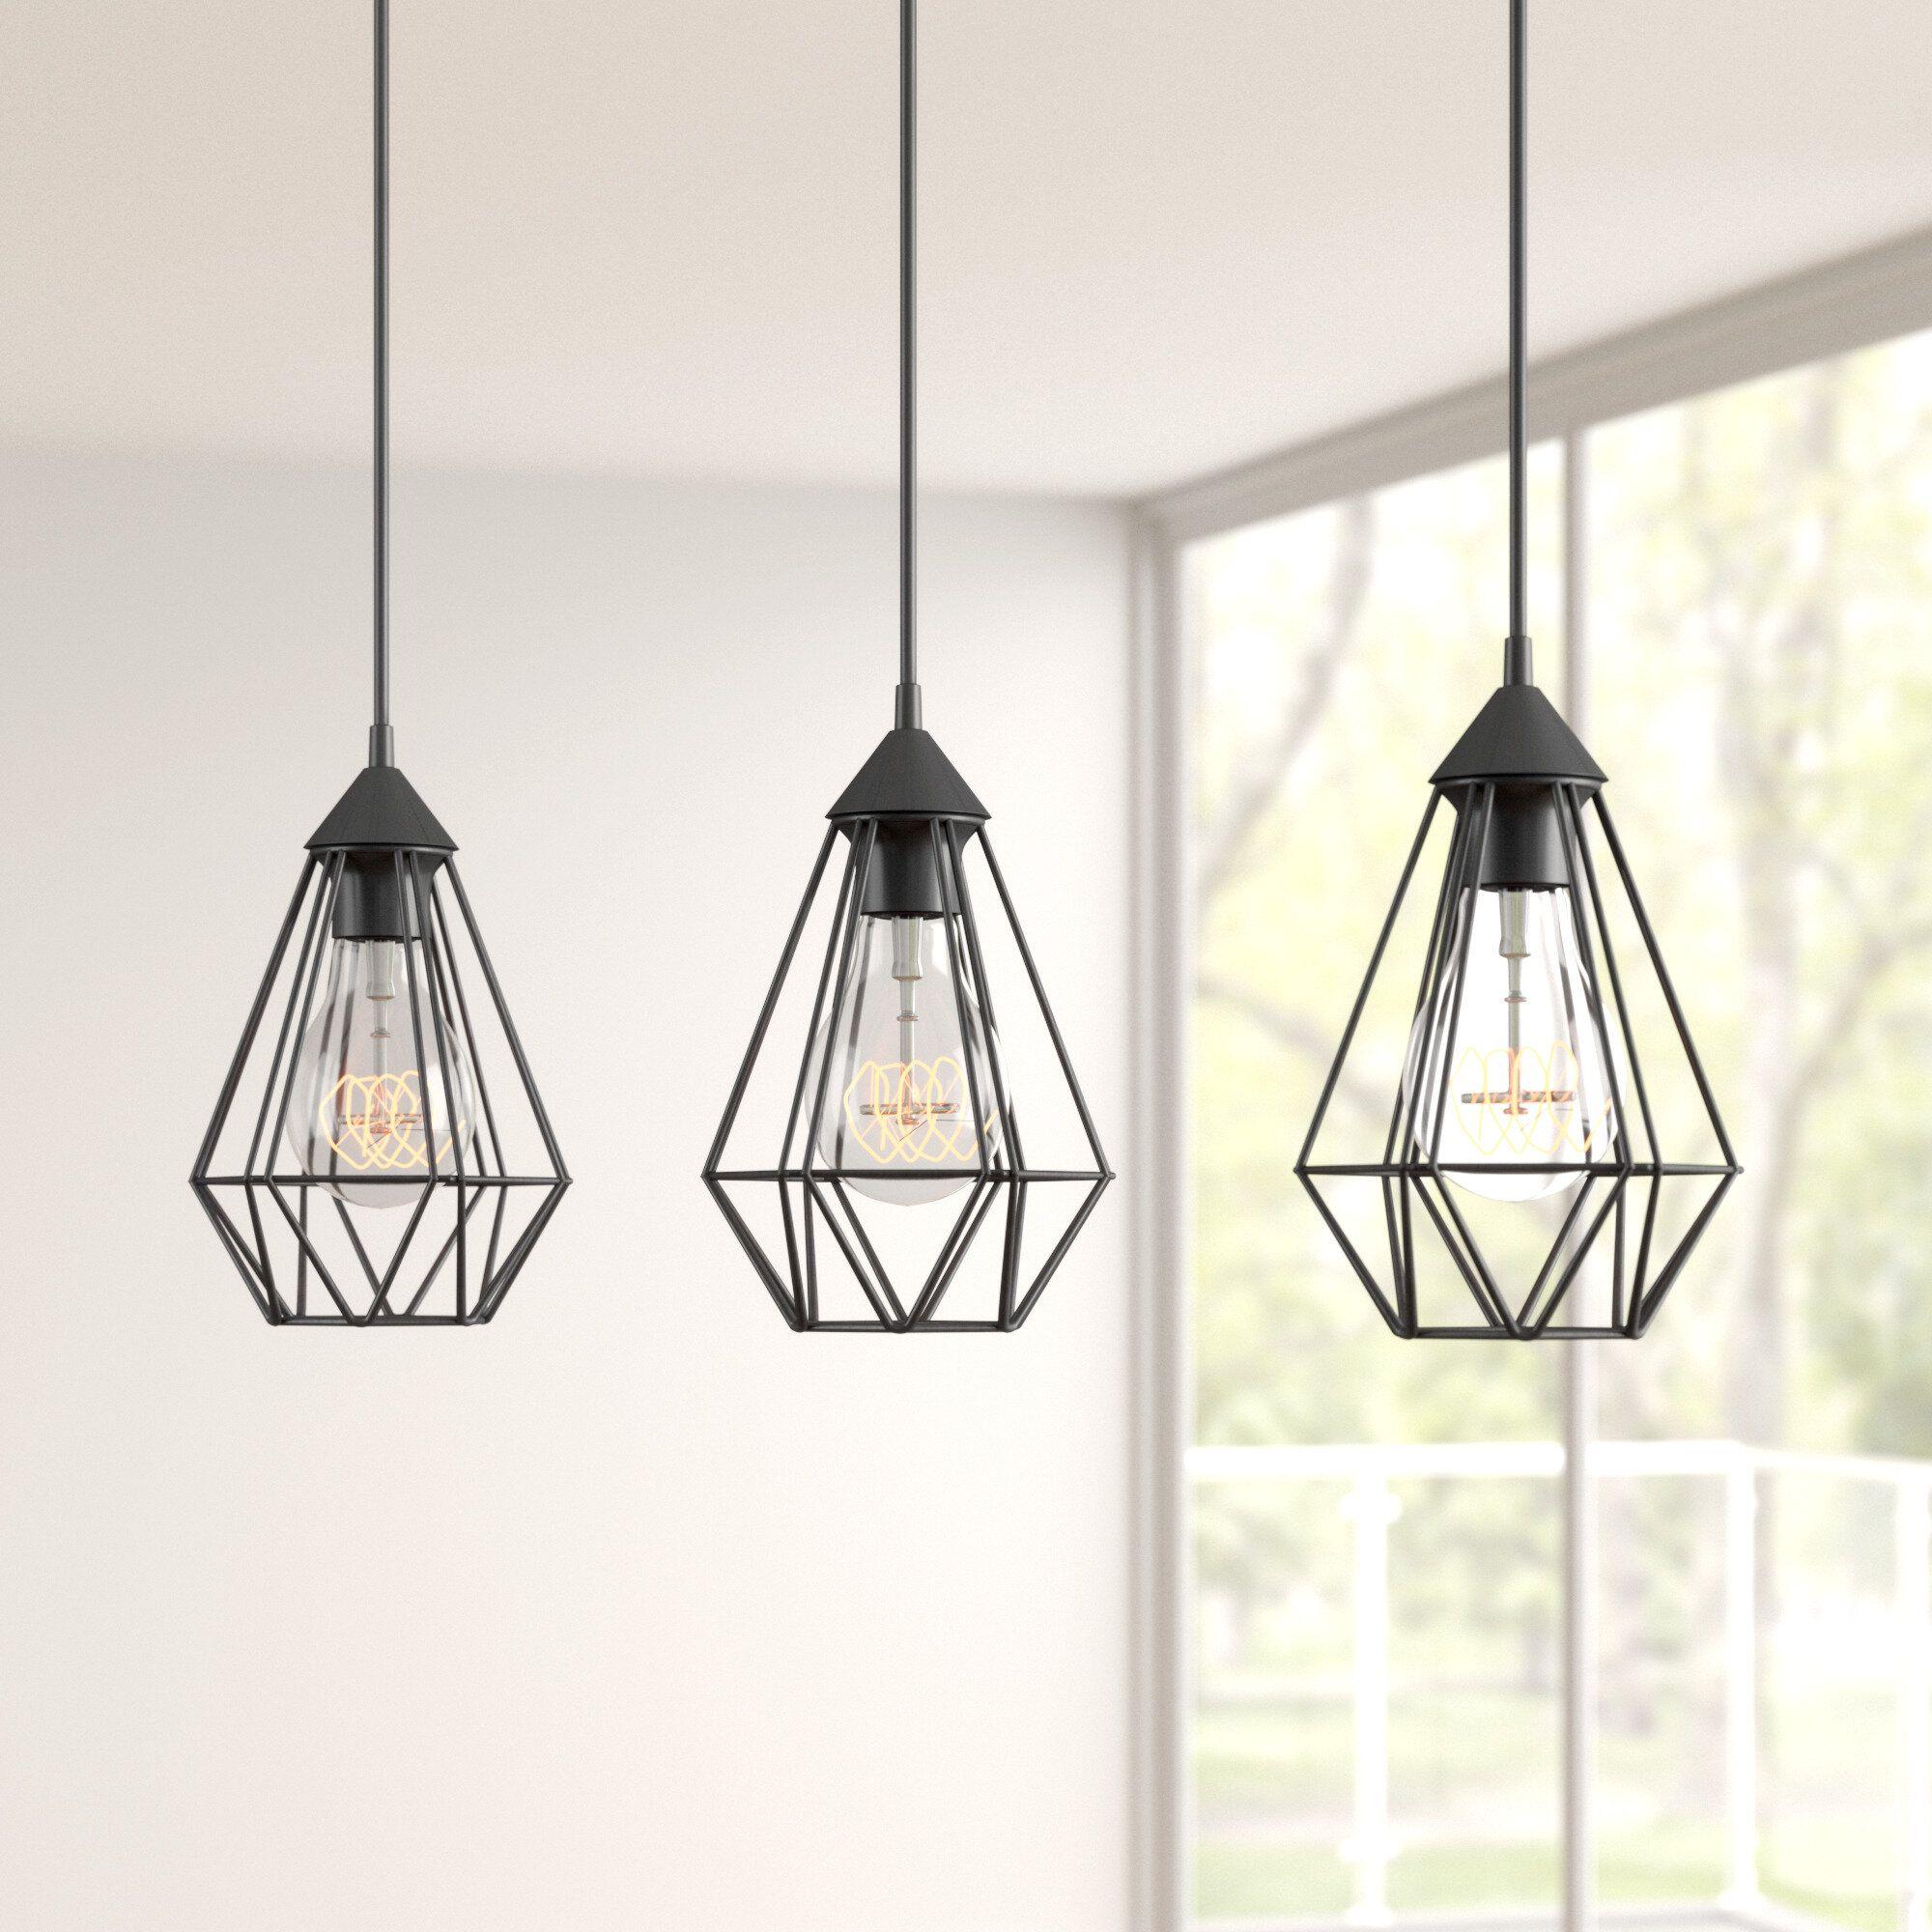 Buy Argos Home Aster 5 Light Chandelier Ceiling Light Grey